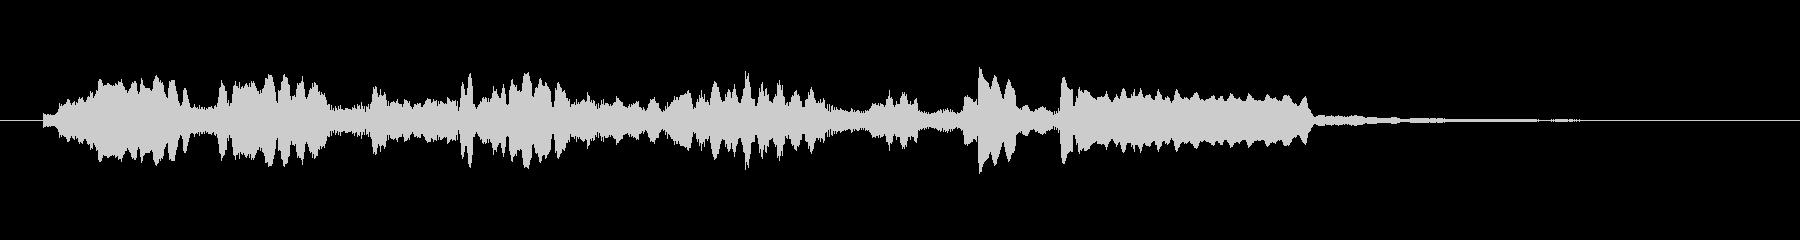 神秘的なフルートサウンドの未再生の波形